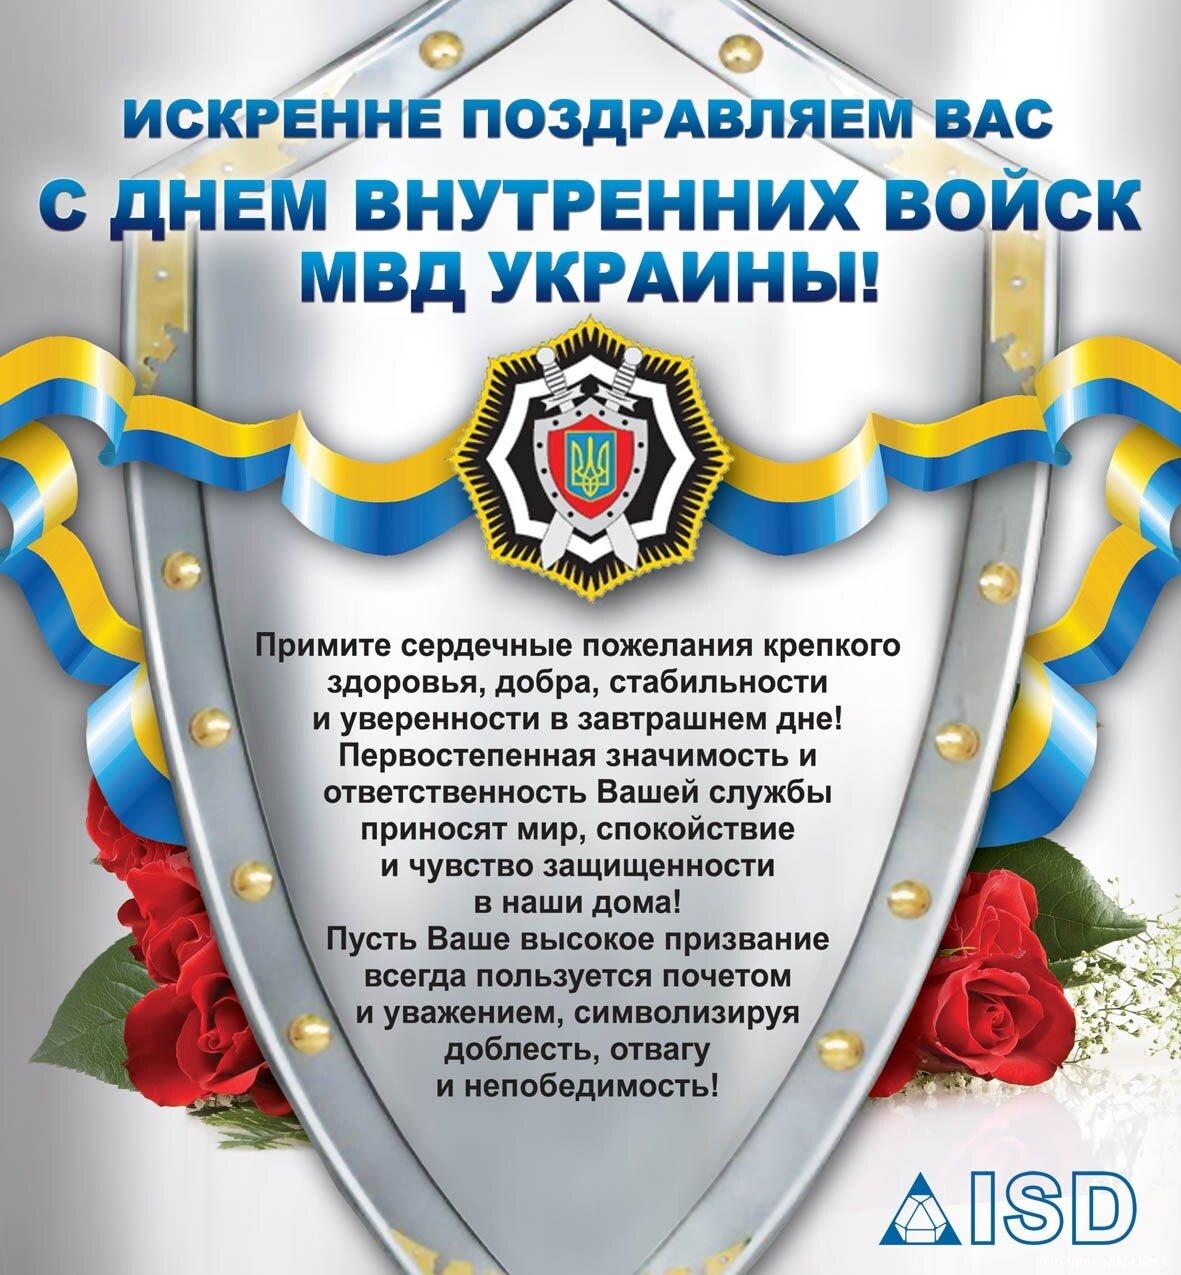 важно чтобы поздравления с днем внутренних войск россии стих семья собирается праздничным